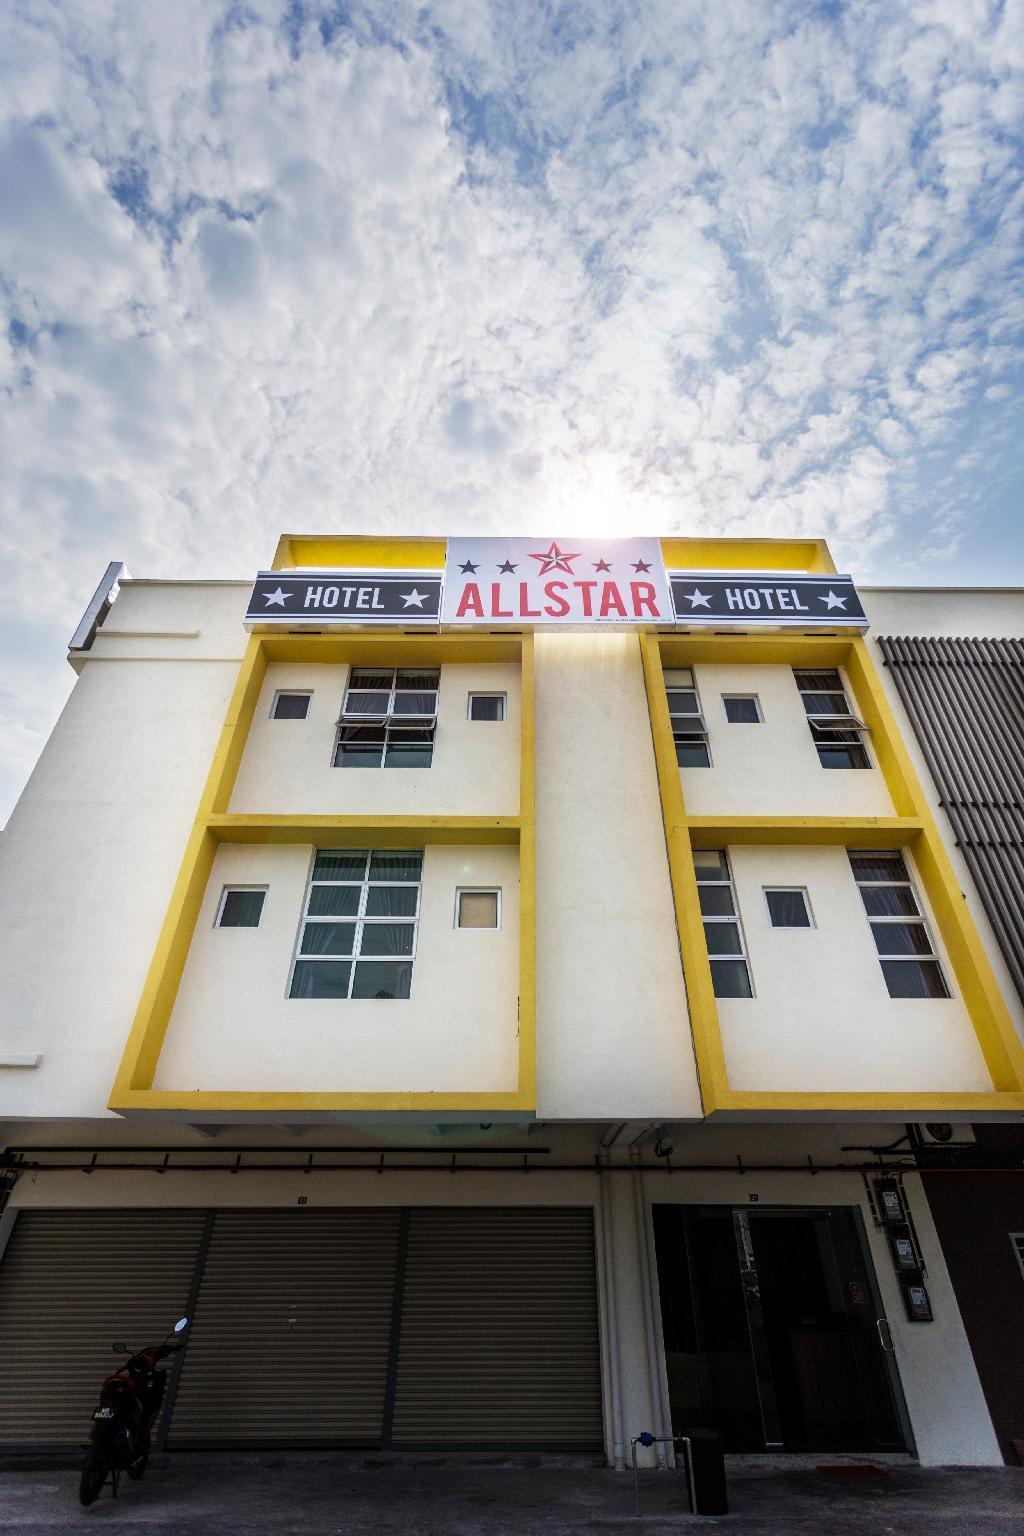 Allstar Hotel